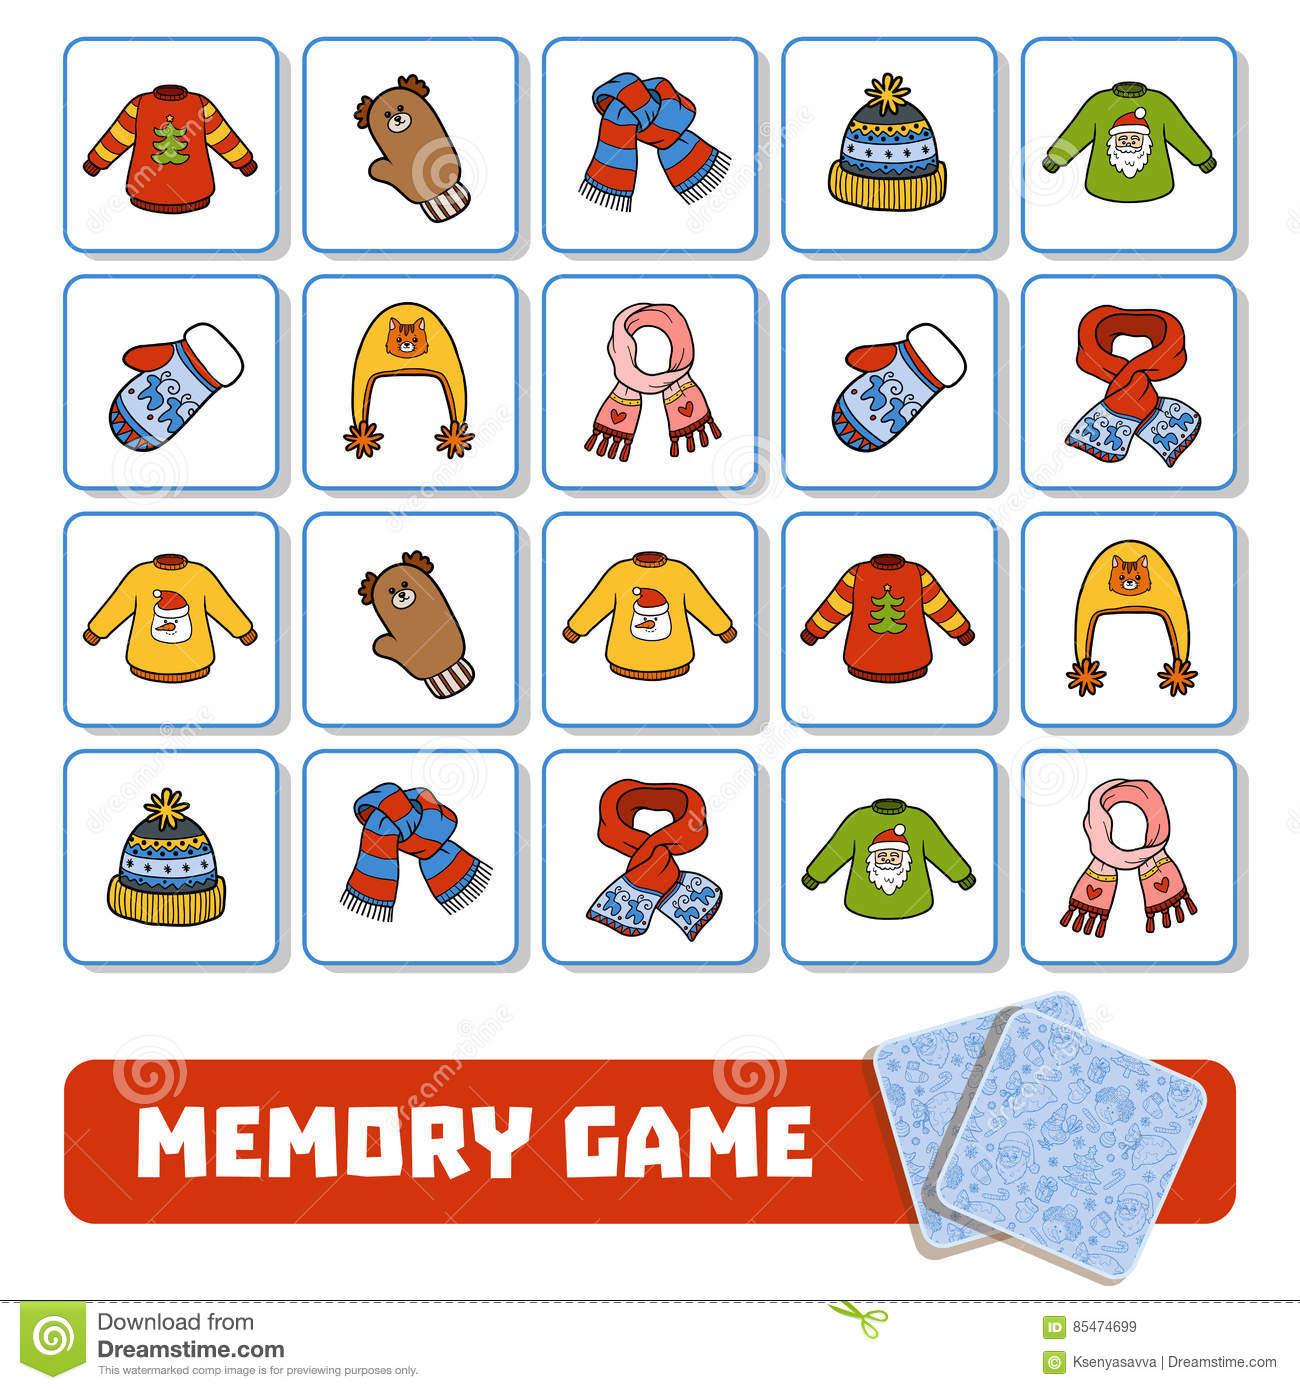 Jeu De Mémoire Pour Les Enfants, Cartes Avec Des Accessoires à Jeux Memoire Enfant